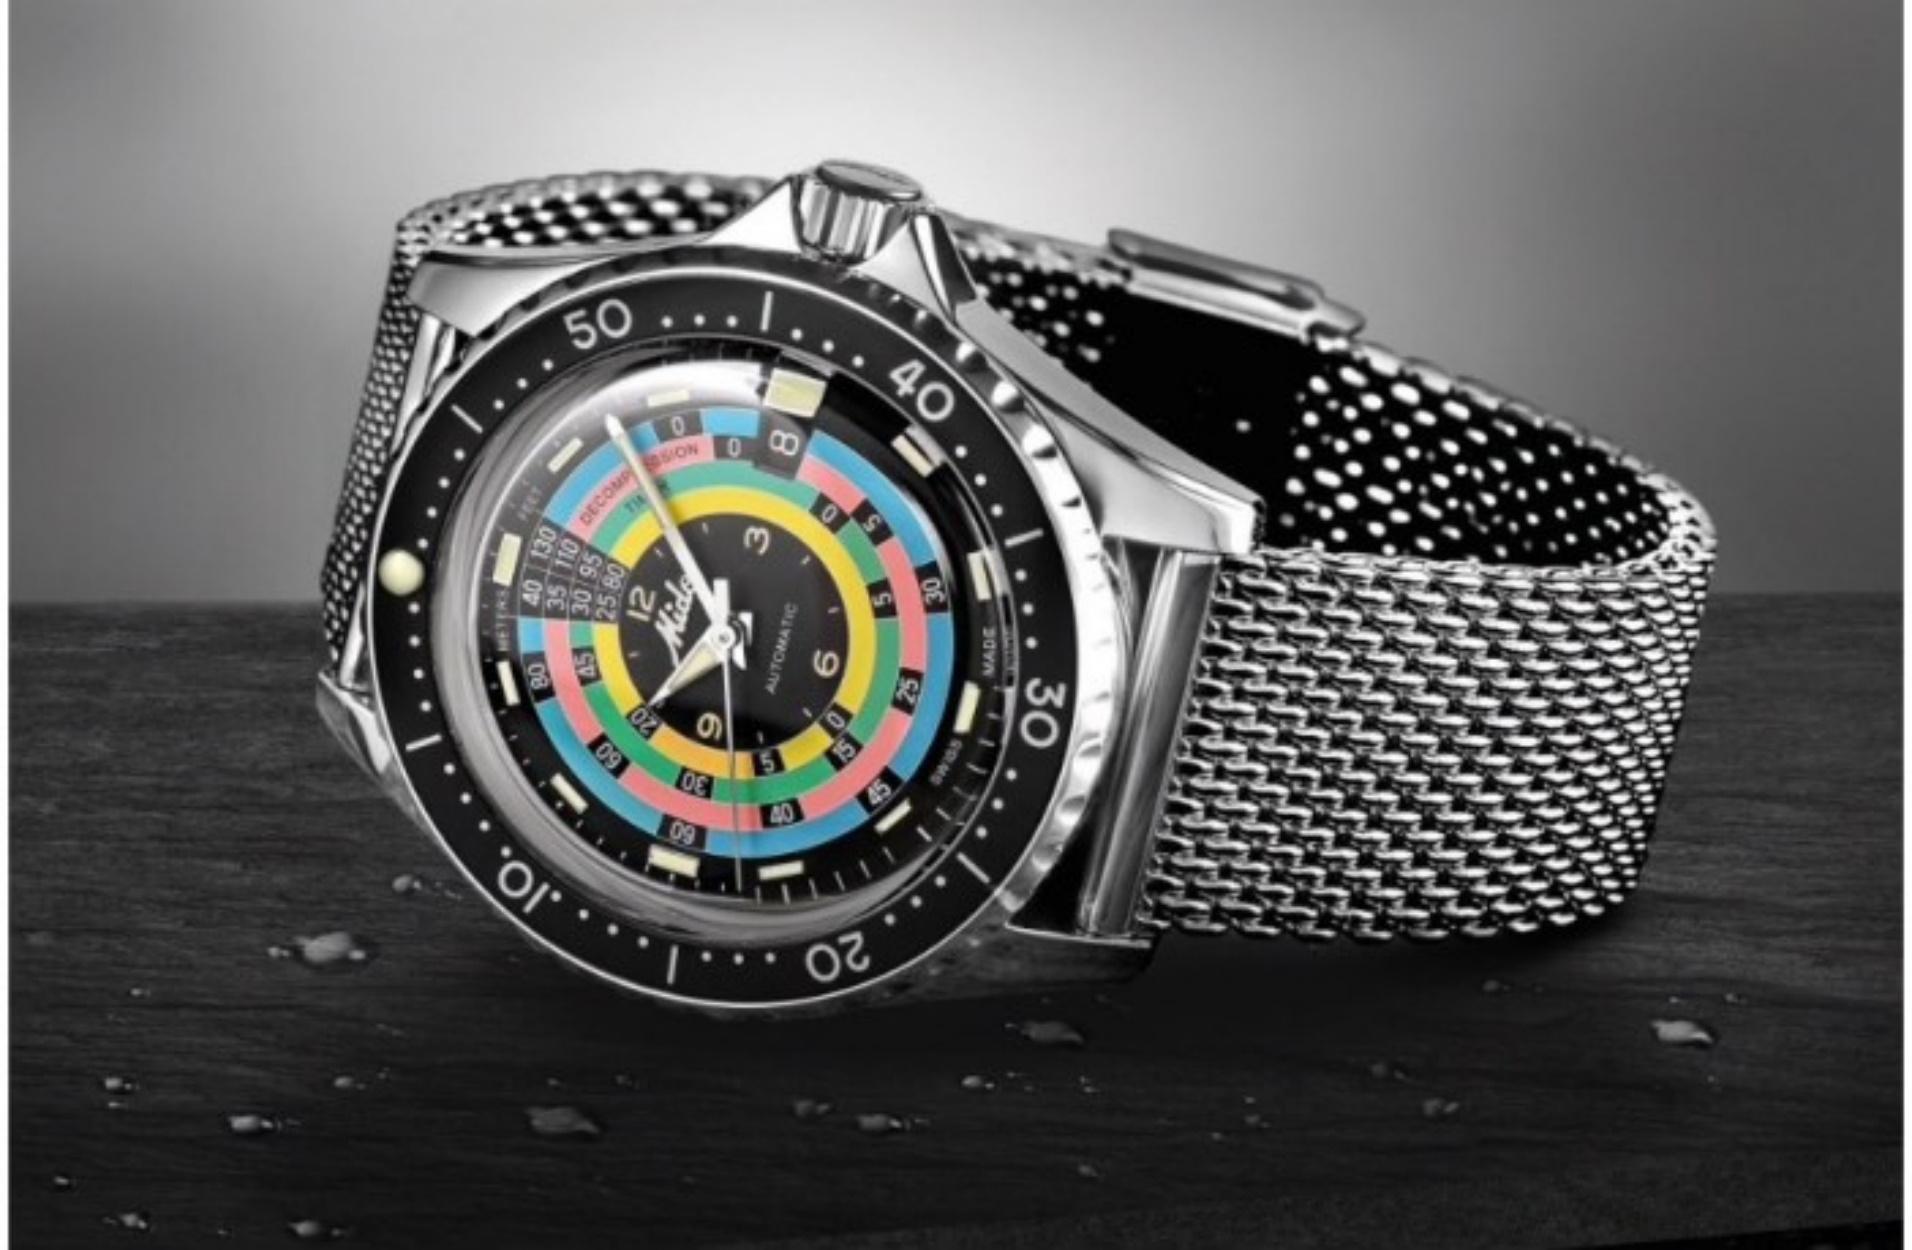 Ένα πολύ όμορφο και προσιτό καταδυτικό ρολόι από την Mido